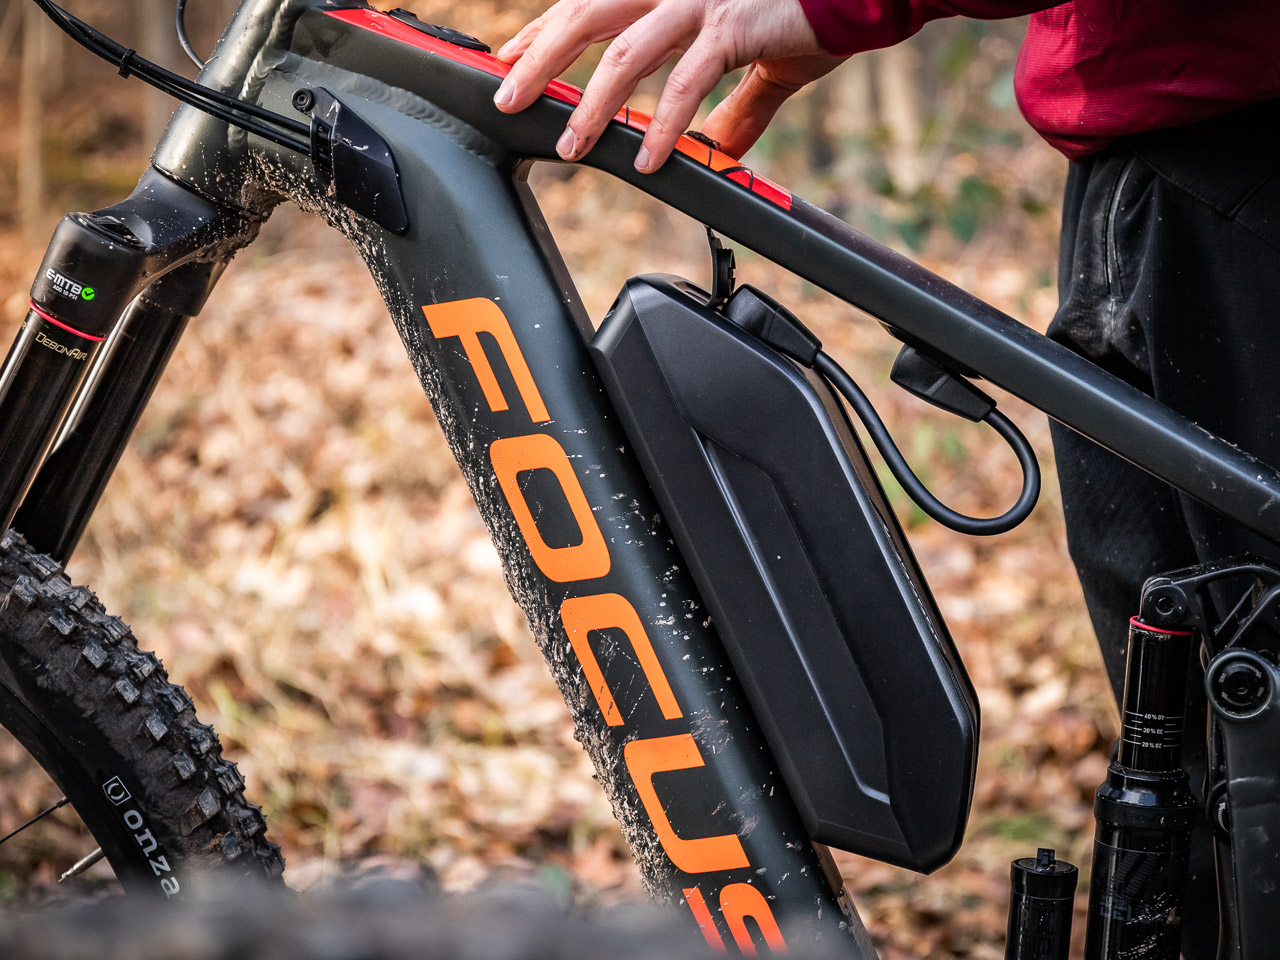 FOCUS-Bikes-E-MTB-Reach-Test-2019-_MG_0322